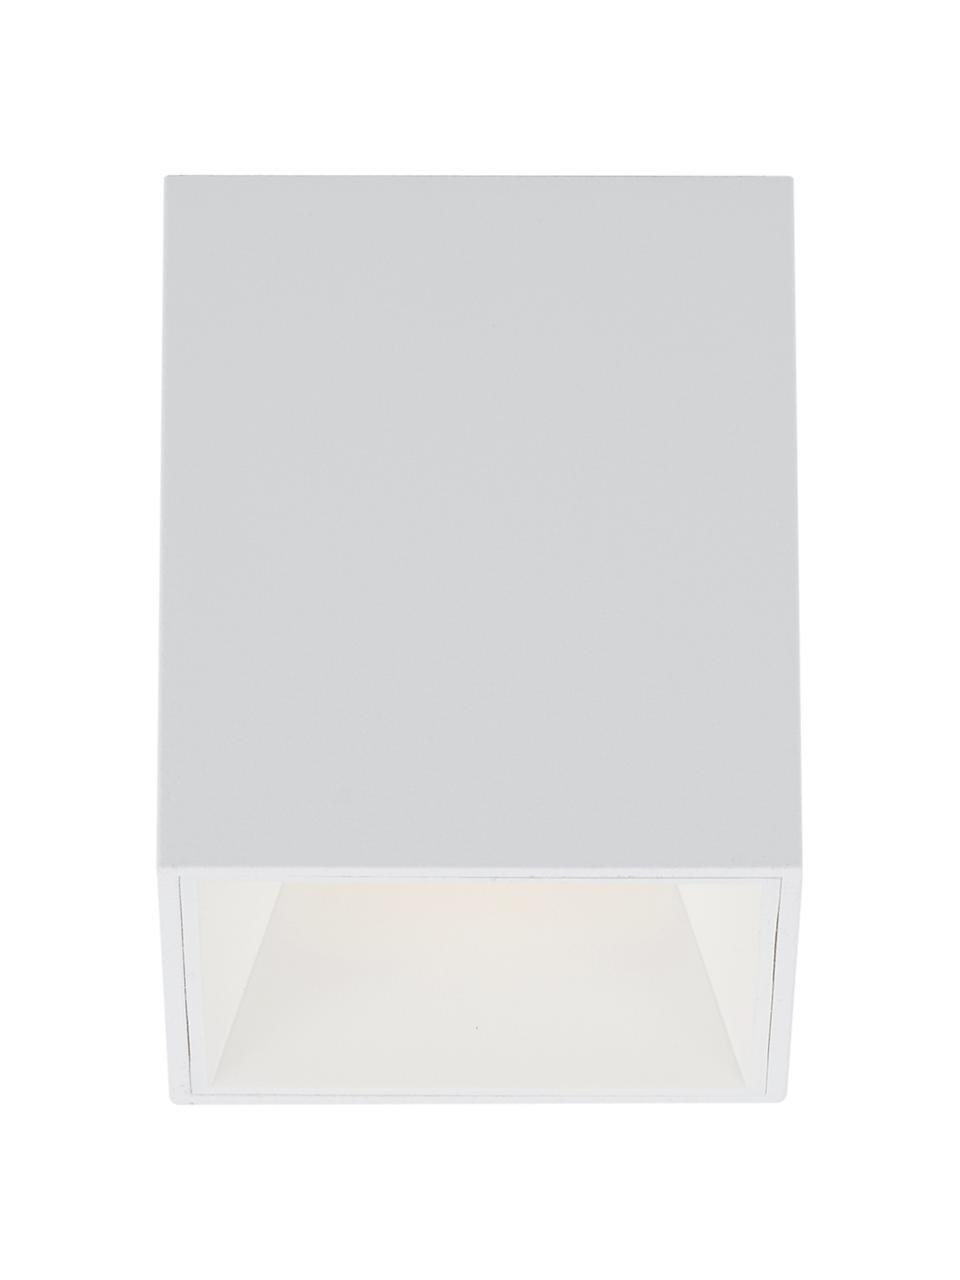 Lampa spot LED Marty, Biały, matowy, S 10 x W 12 cm